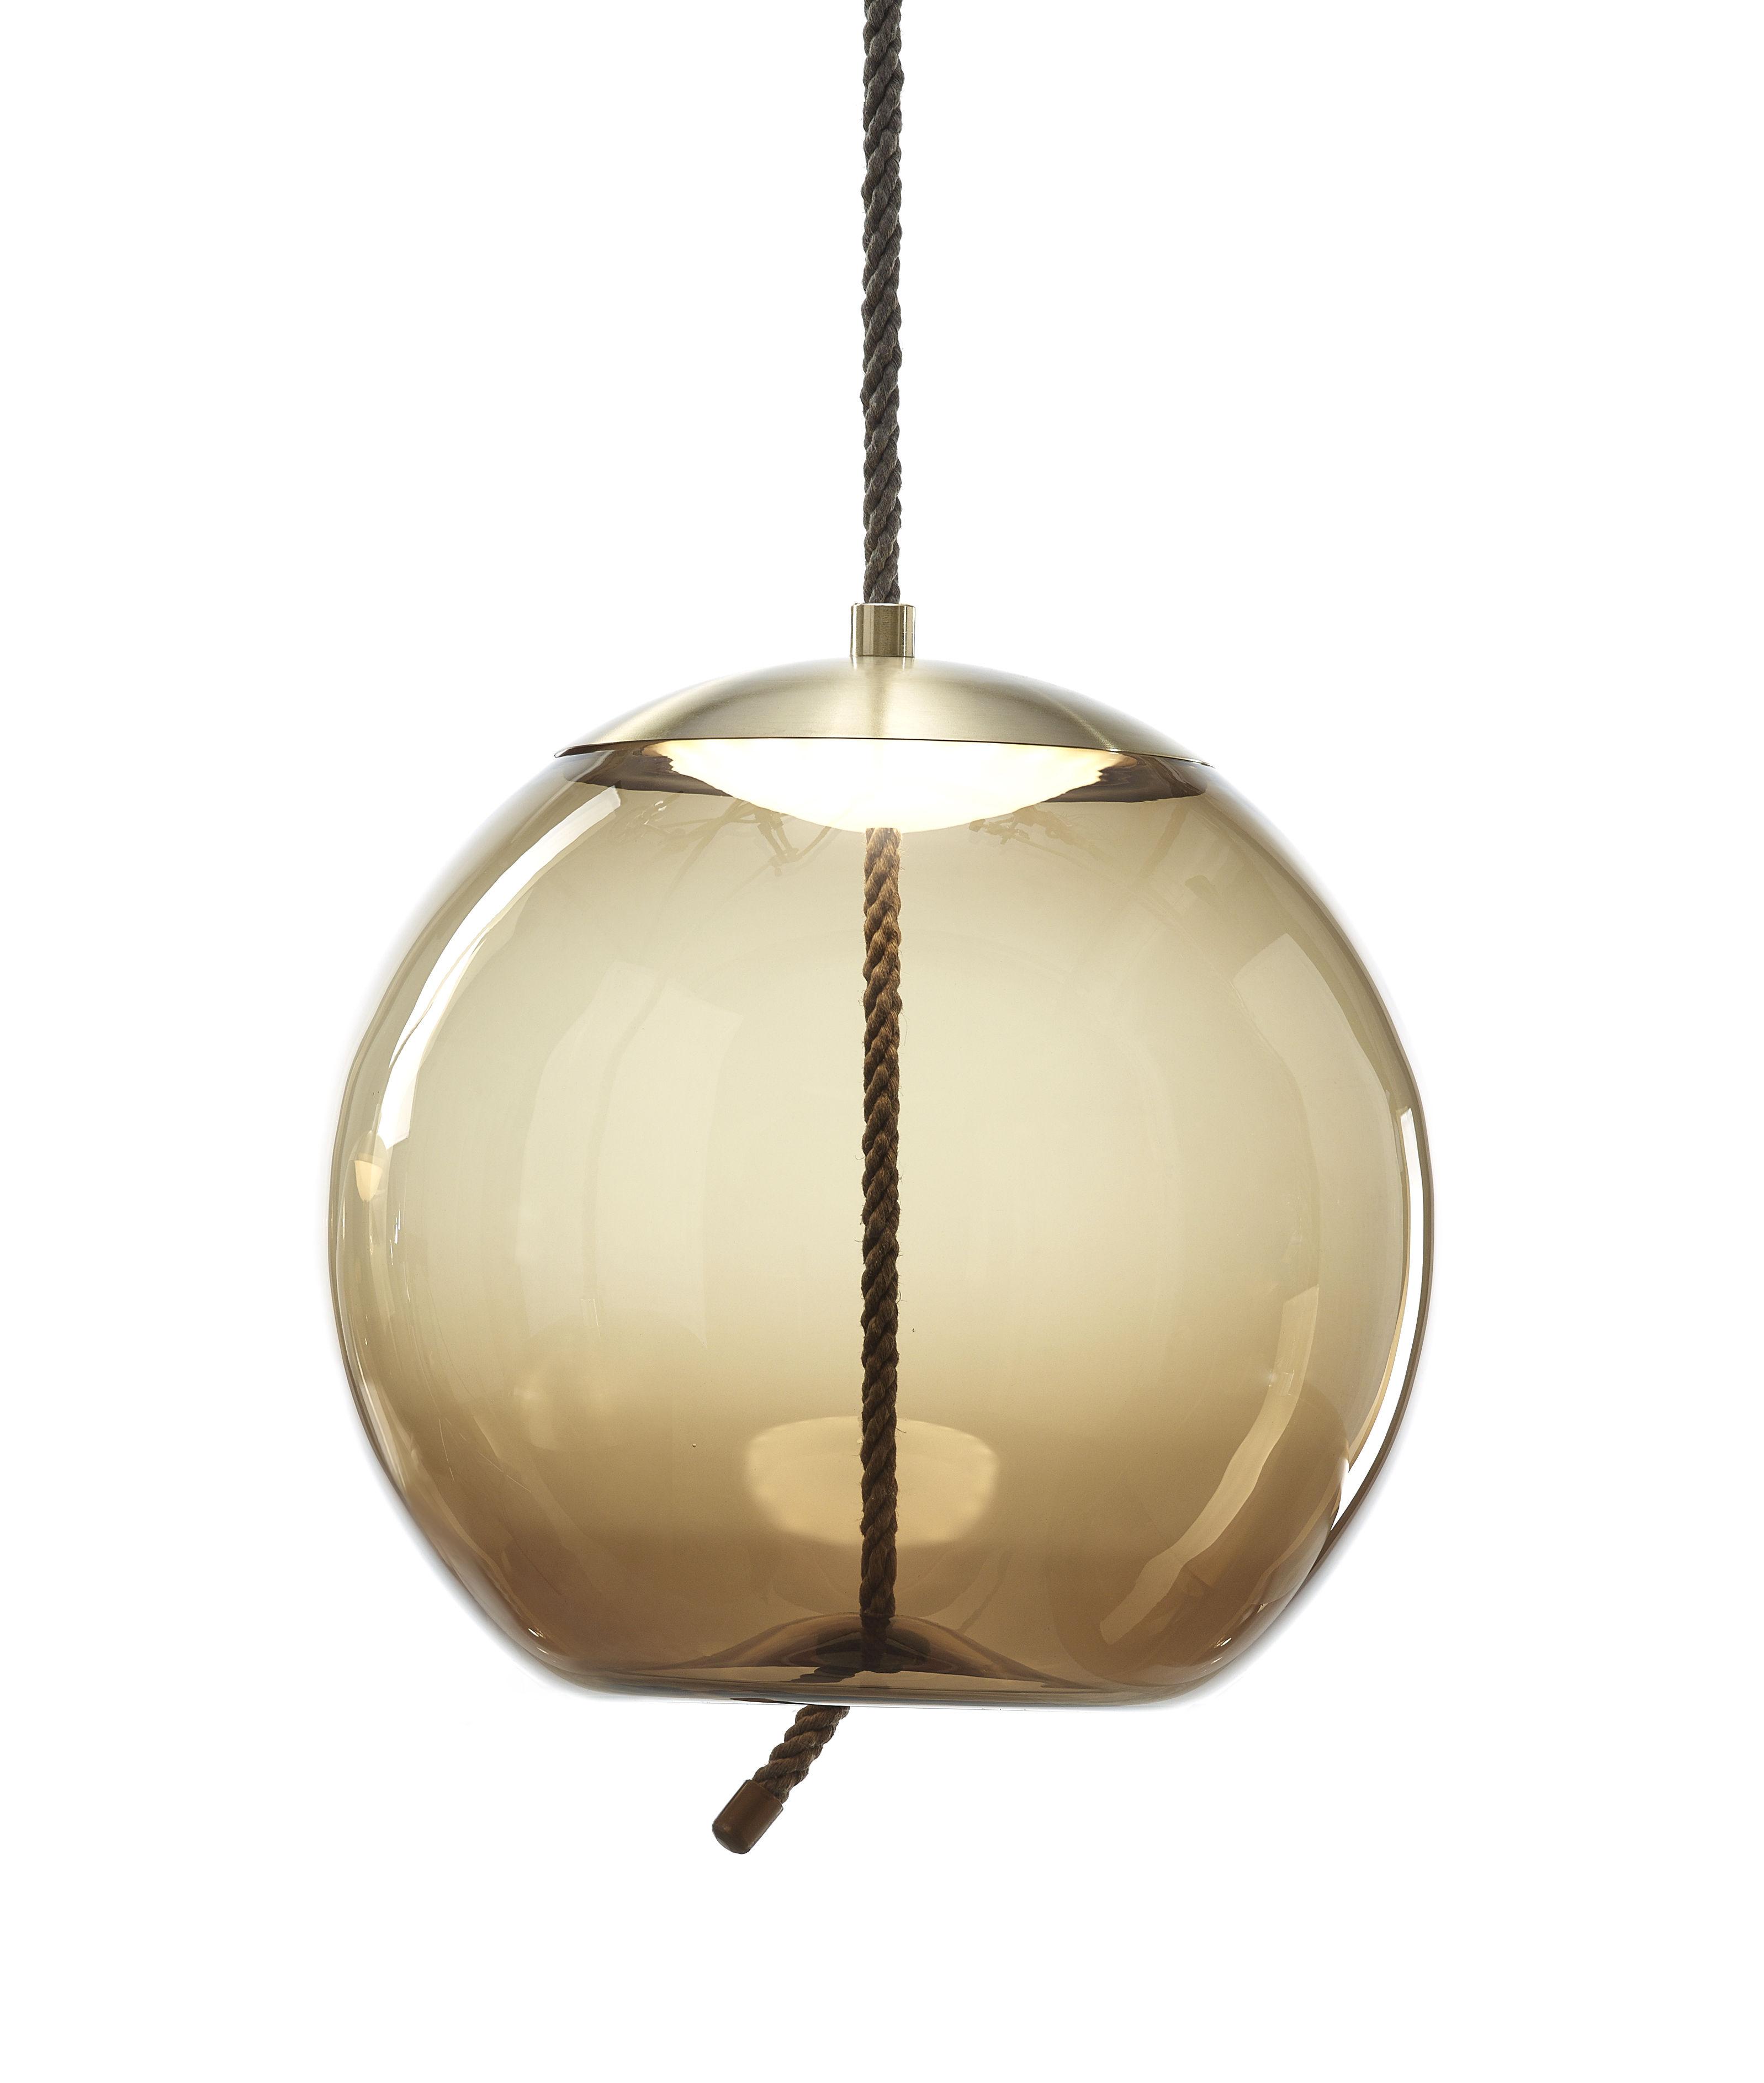 Illuminazione - Lampadari - Sospensione Knot sfera - / Vetro & corda - Ø 50 cm di Brokis - Marrone / Calotta ottone - Corda naturale, Ottone, vetro soffiato